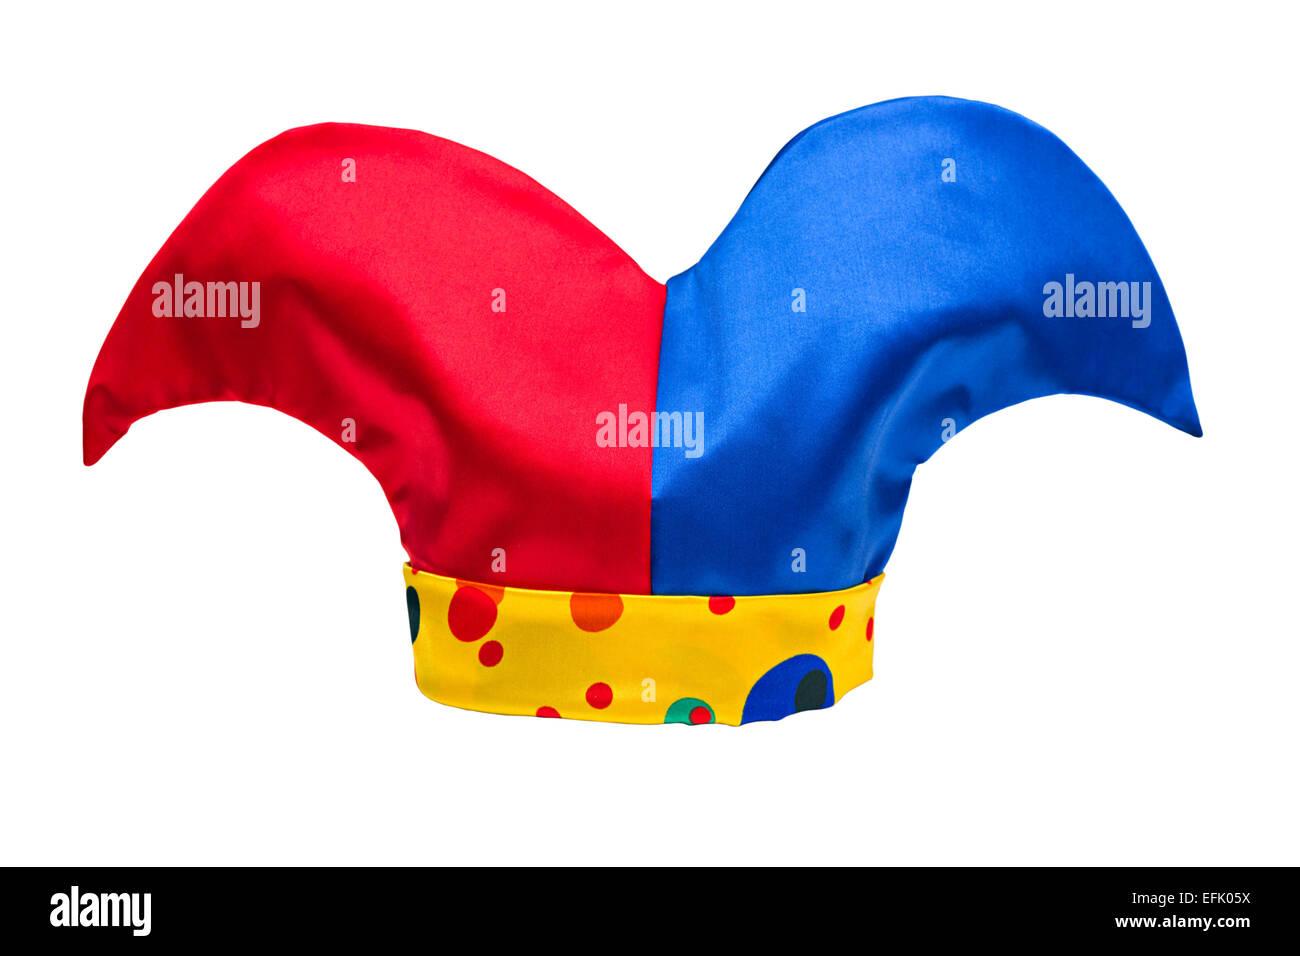 Multi-colore di jester hat isolati su sfondo bianco Immagini Stock eb2b662a04e8